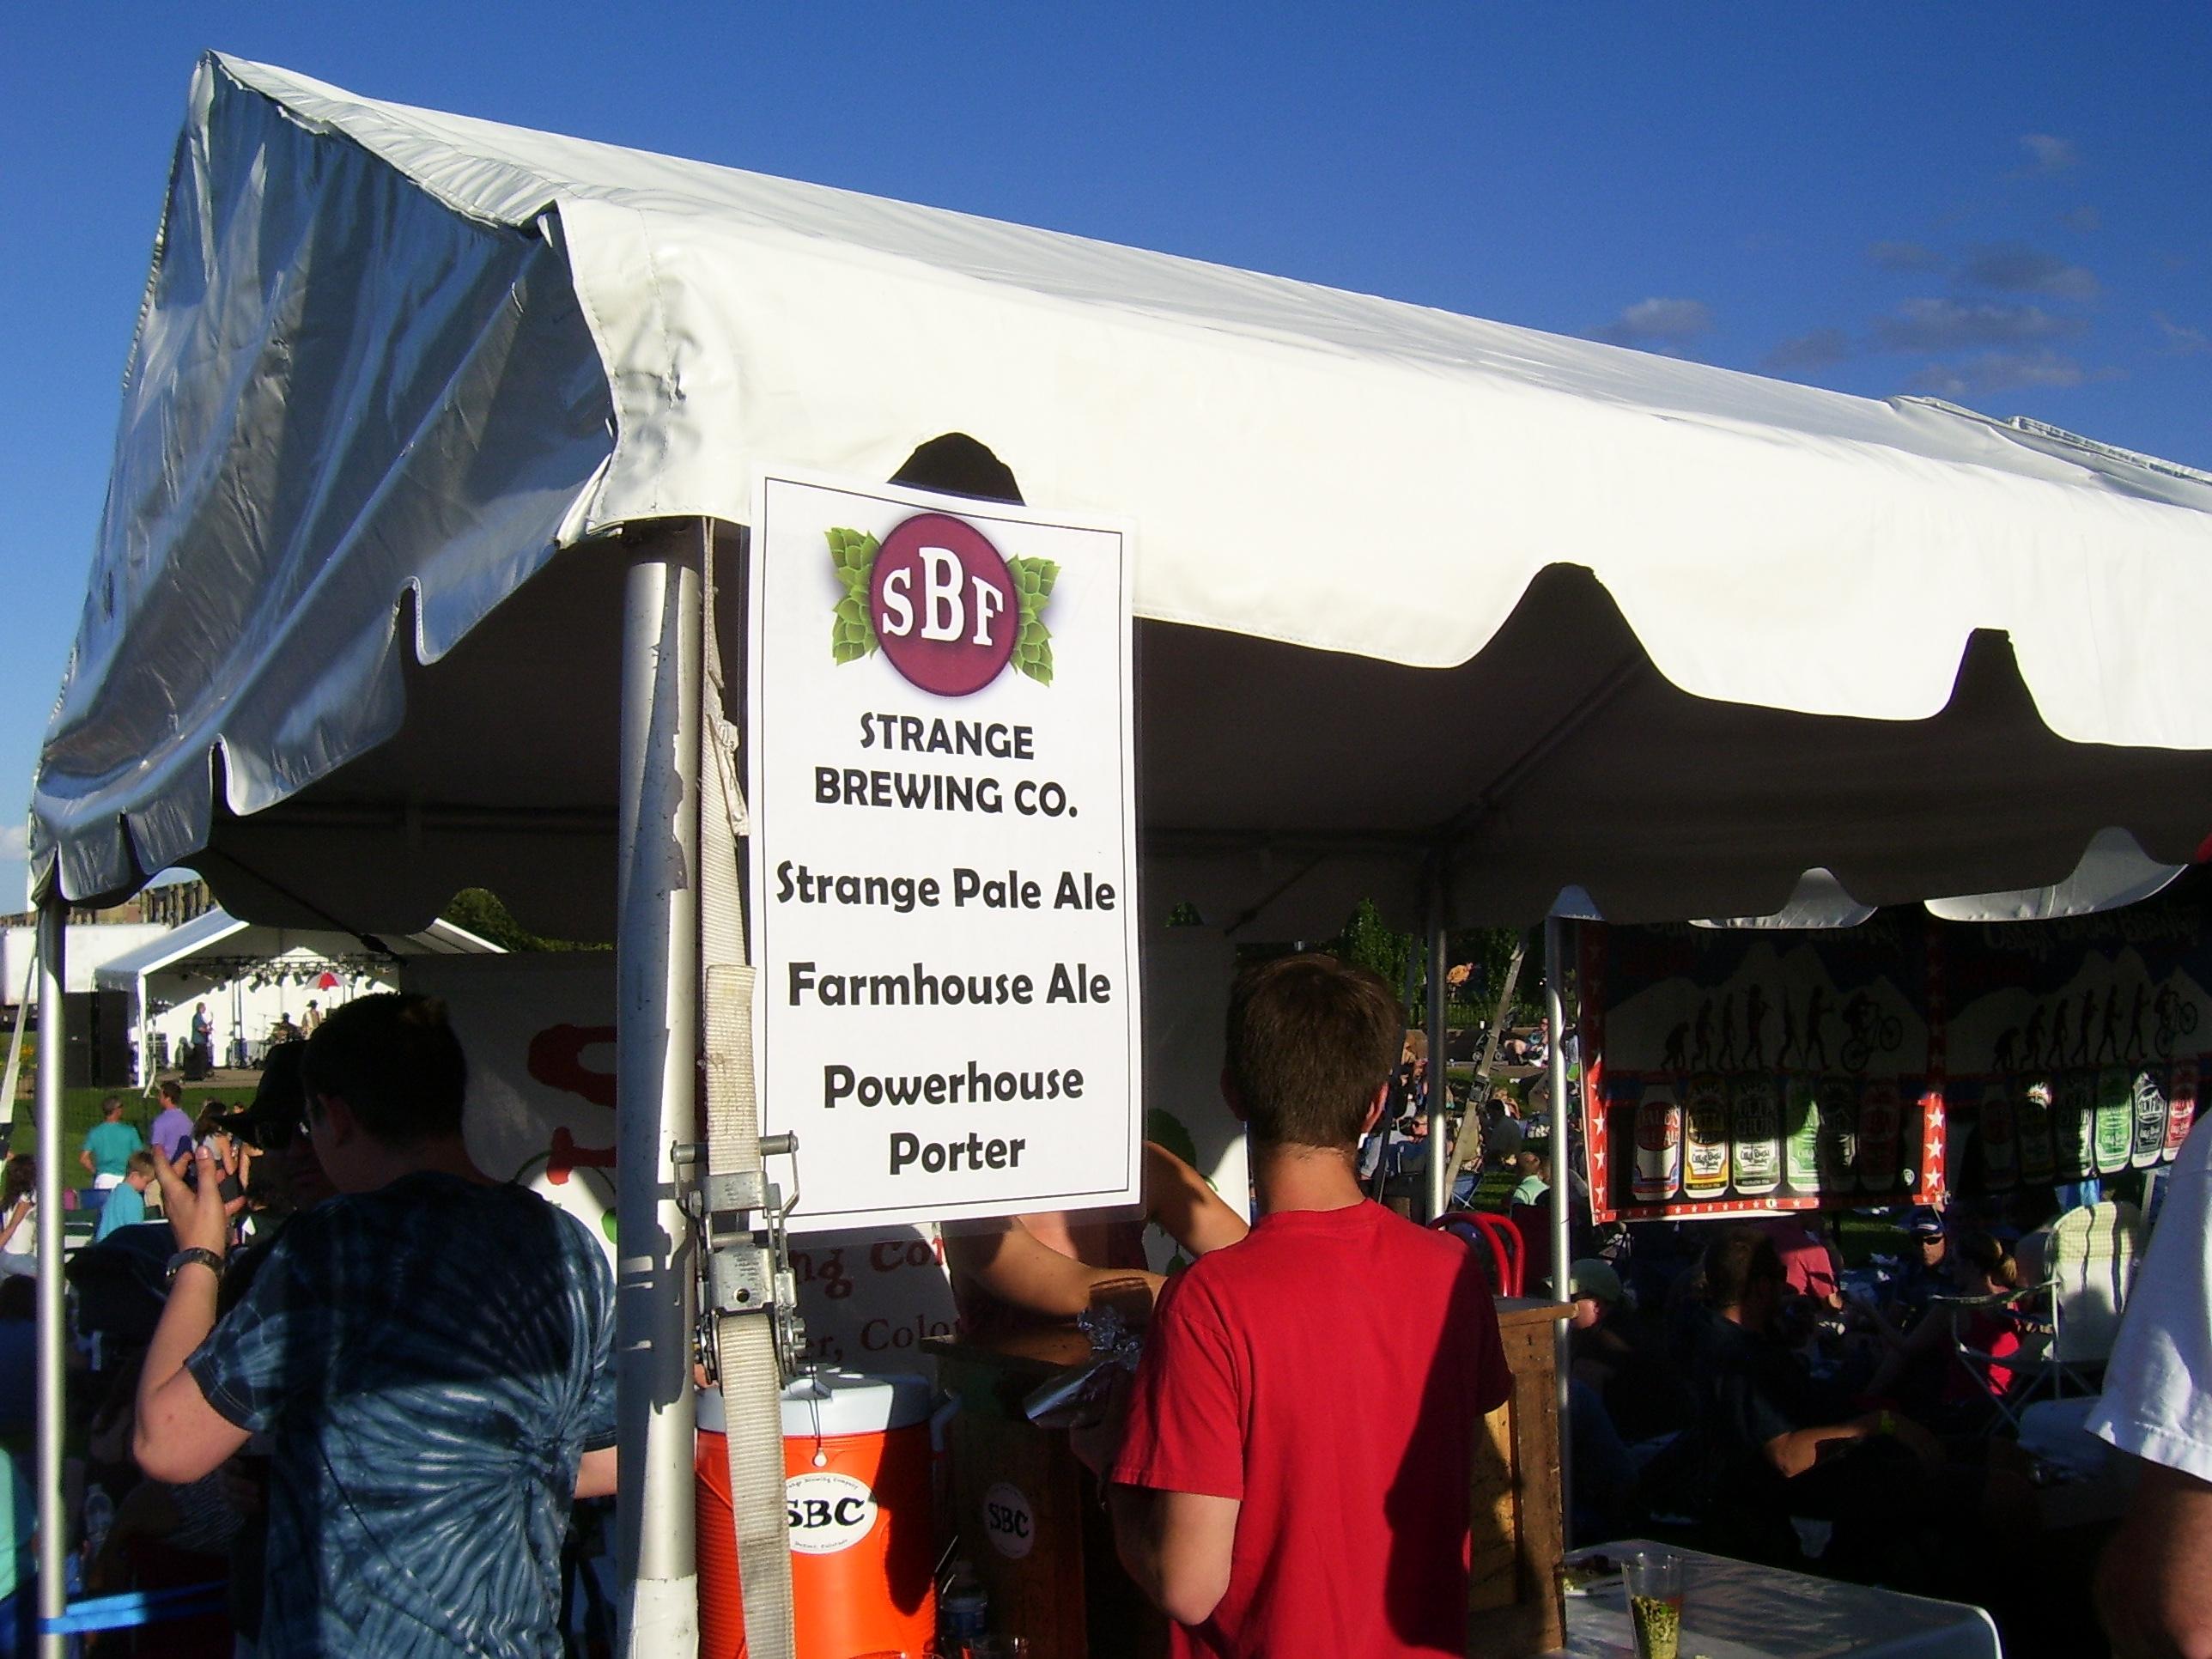 http://www.stapletondenver.com/wp-content/uploads/Stapleton_Beer_Festival_1_0.jpg